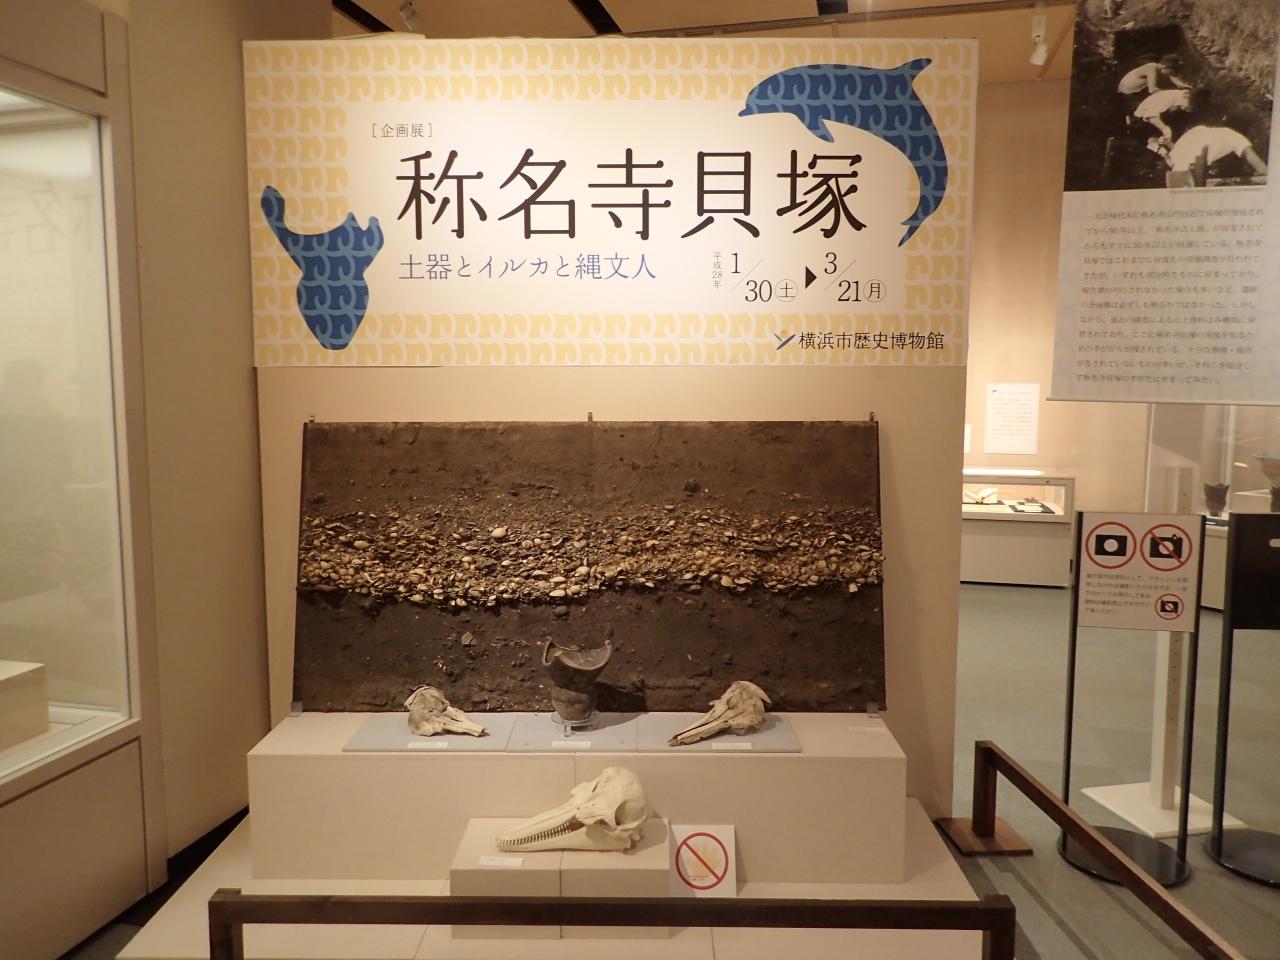 横浜市歴史博物館・称名寺貝塚展